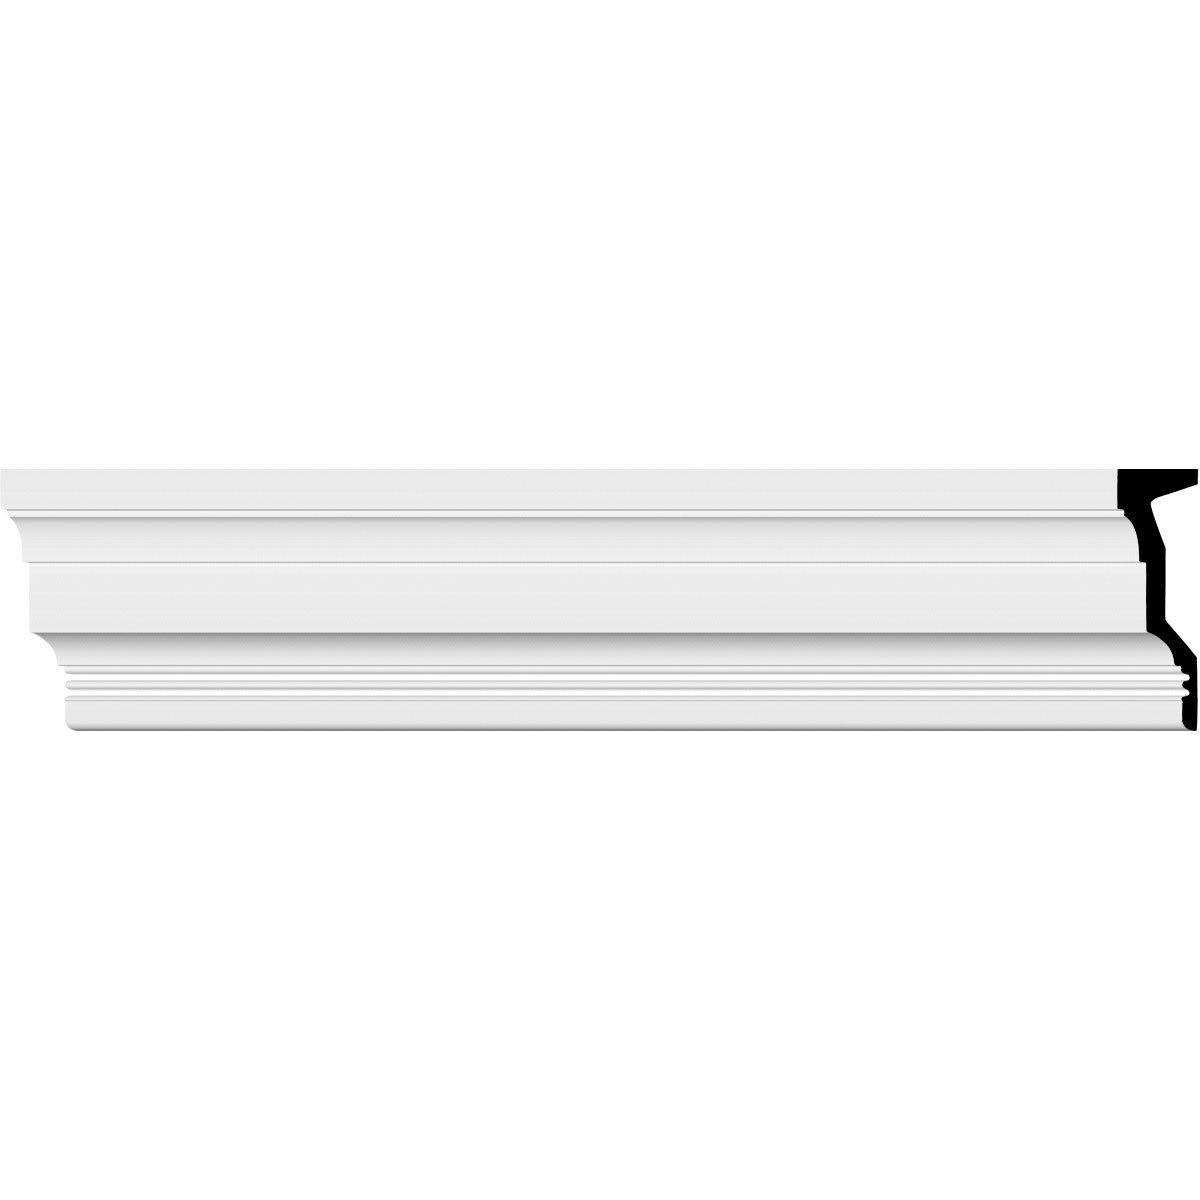 Ekena Millwork MLD12X04ST 11 7/8''H x 3 5/8''P x 94 1/2''L Standard Moulding